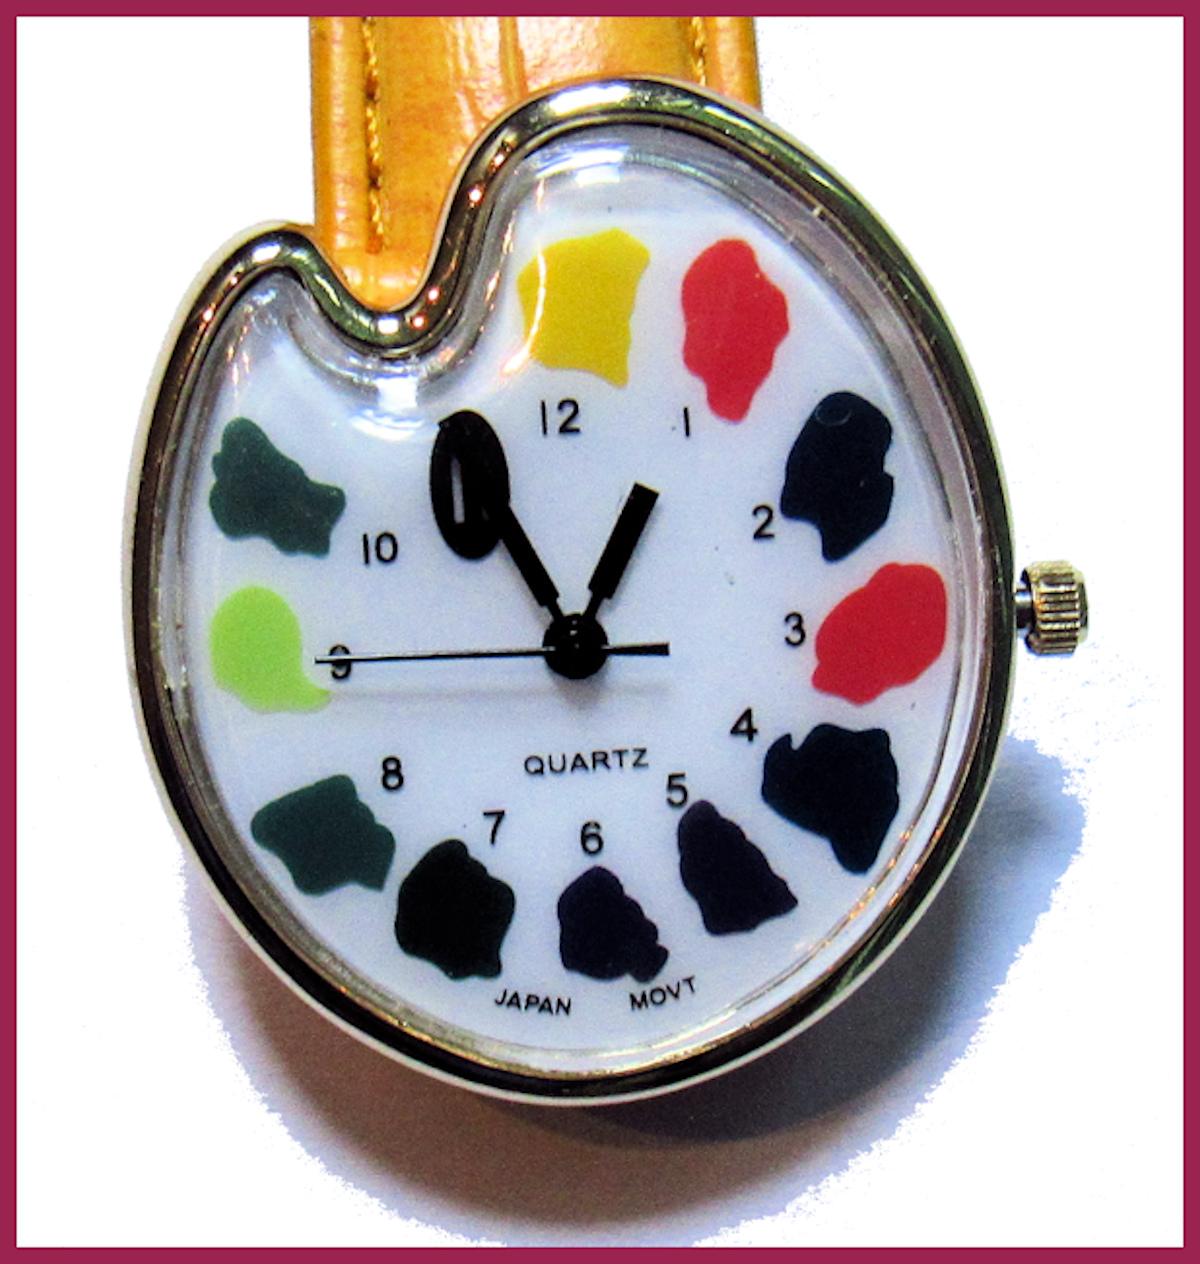 jewelry-palette-watch-face-boarder.jpg